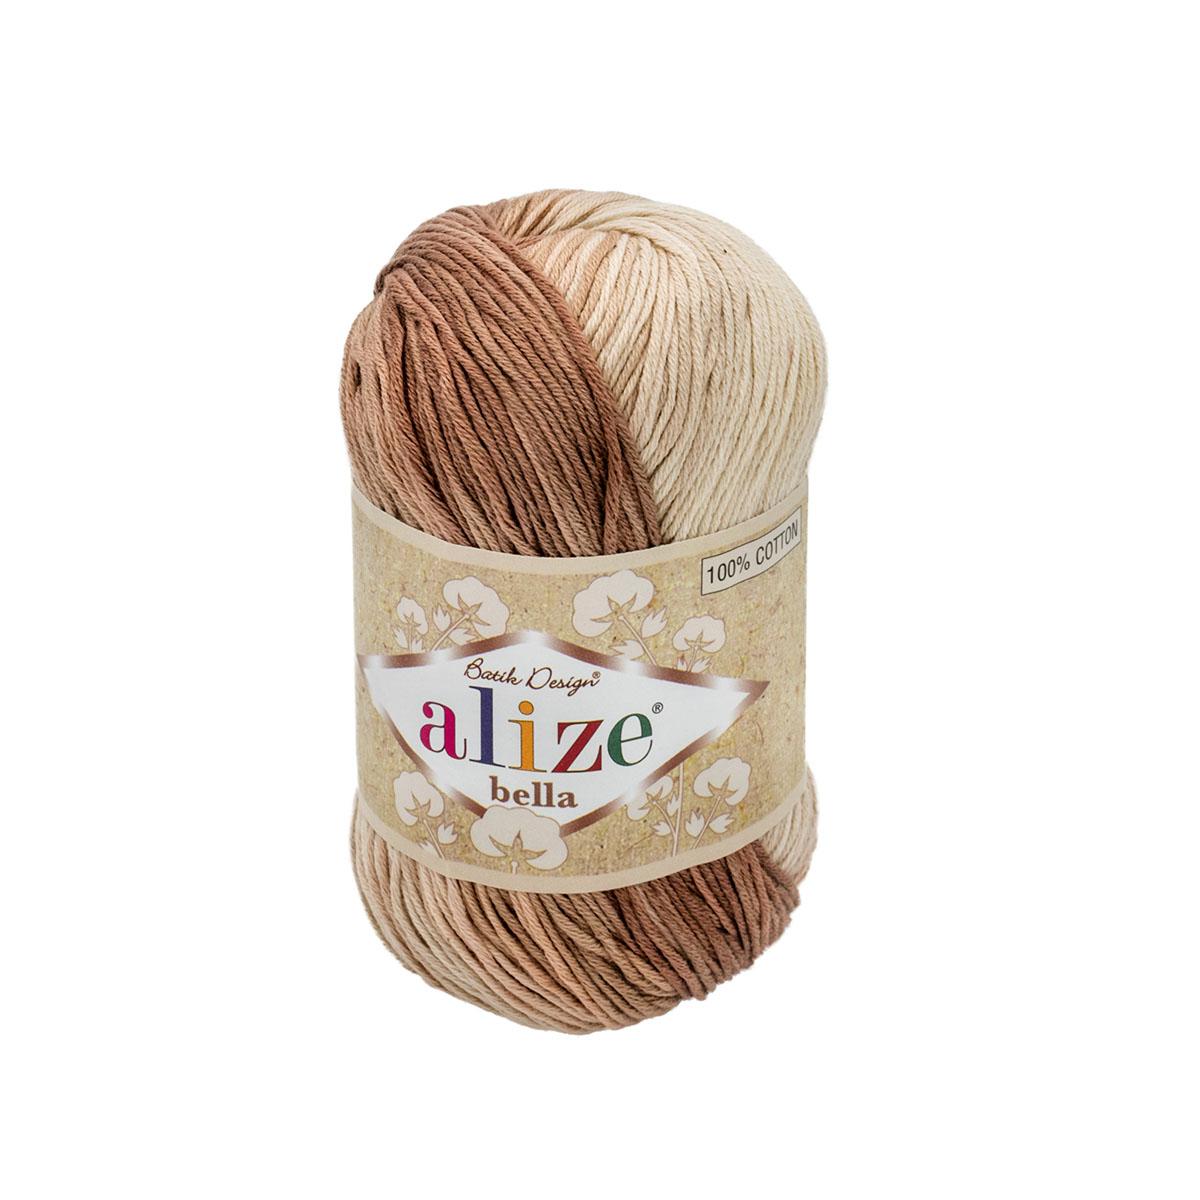 Пряжа ALIZE 'Bella batik' (100% хлопок) ТУ